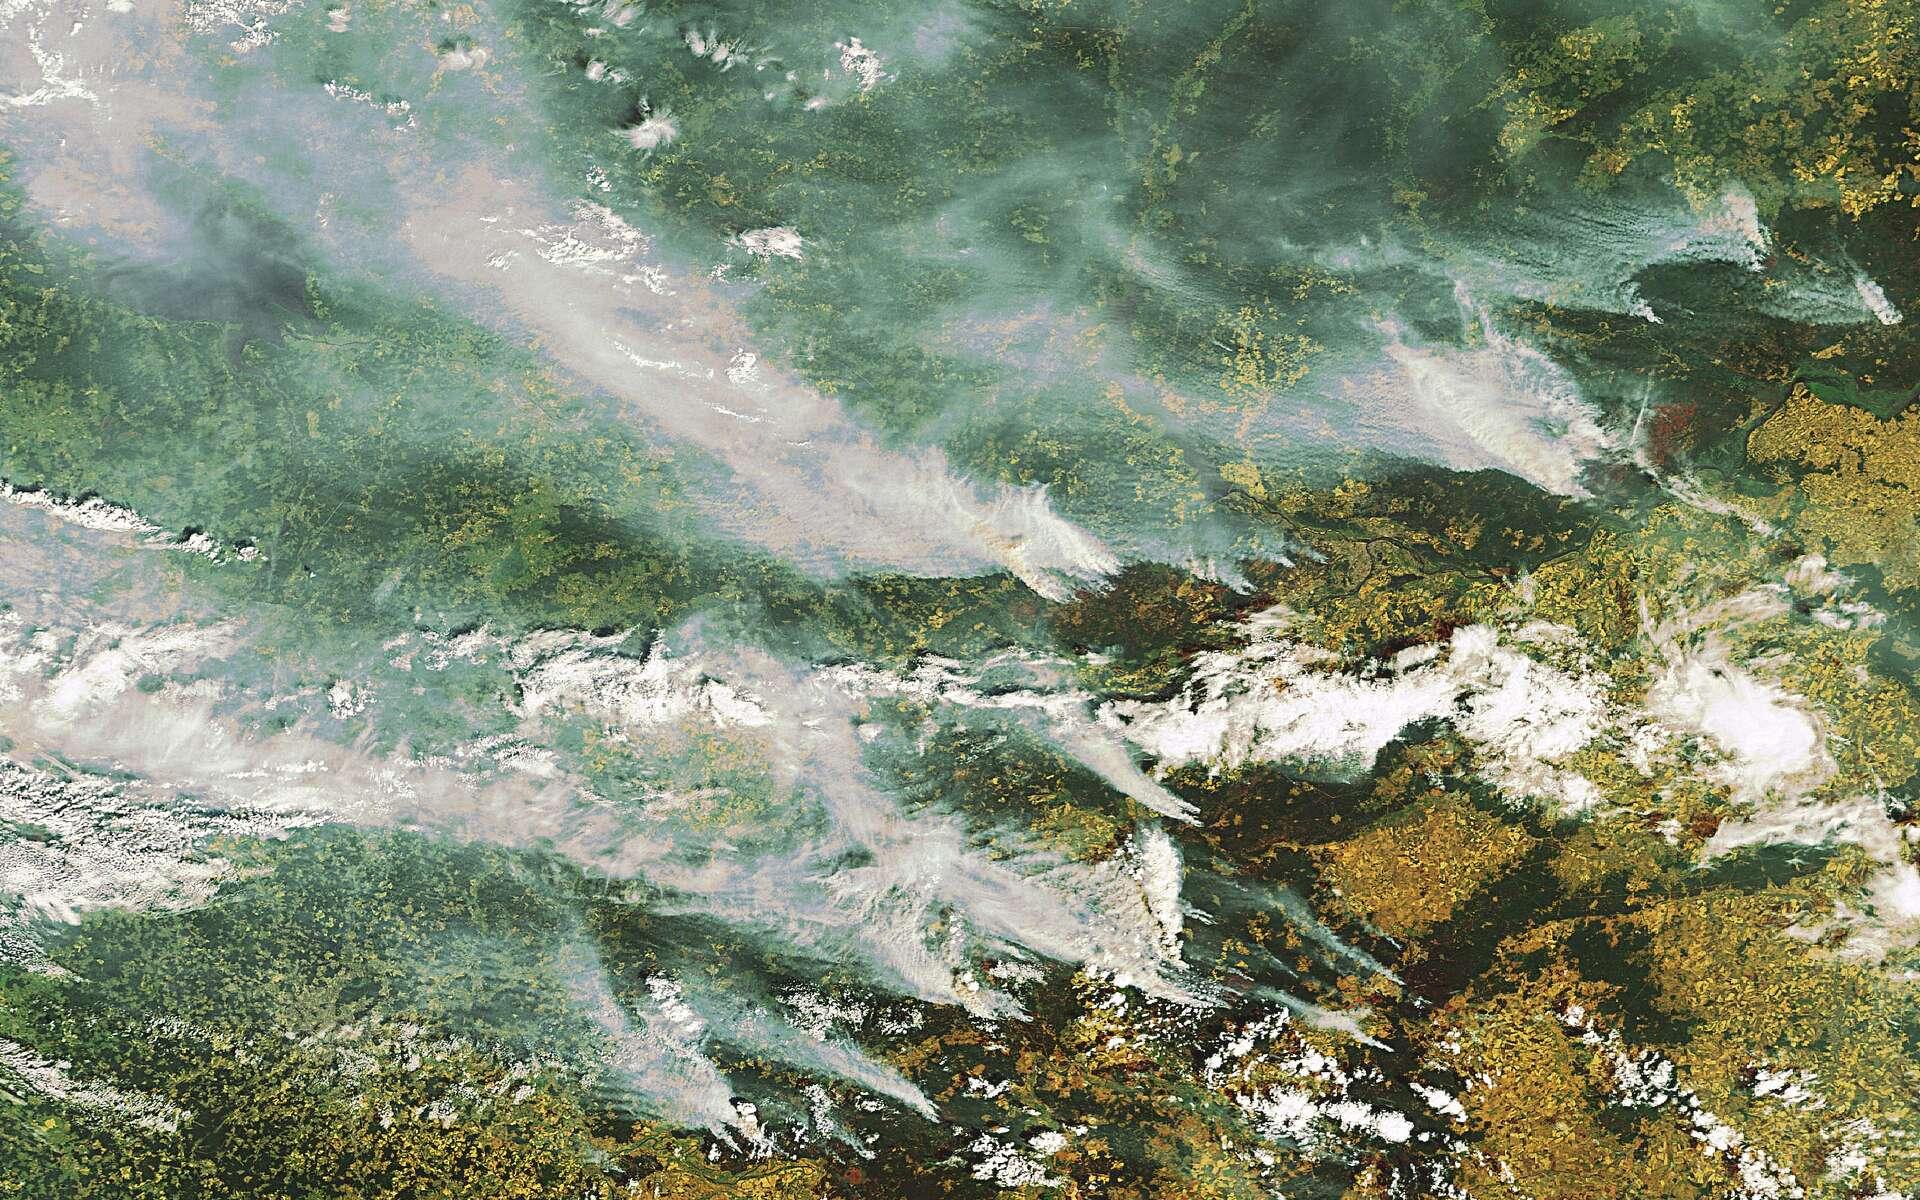 Une image saisie par la caméra Meris (Medium Resolution Imaging Spectrometer) du satellite Envisat le 29 juillet 2010, avec une résolution de 300 mètres. Commentaire de l'Esa : « Plusieurs gros panaches de fumée provenant de feux de tourbe et d'incendies de forêts sont visibles sur cette image prise par Envisat et qui couvre la région à l'est de Moscou. La ville elle-même apparaît dans le coin inférieur gauche de l'image. Les panaches de fumées s'étirent sur plusieurs centaines de kilomètres et, combinés avec la pollution de l'air habituelle de l'agglomération moscovite, ils peuvent entraîner des niveaux de pollution dix fois plus élevés que ceux normalement enregistrés dans la capitale ».